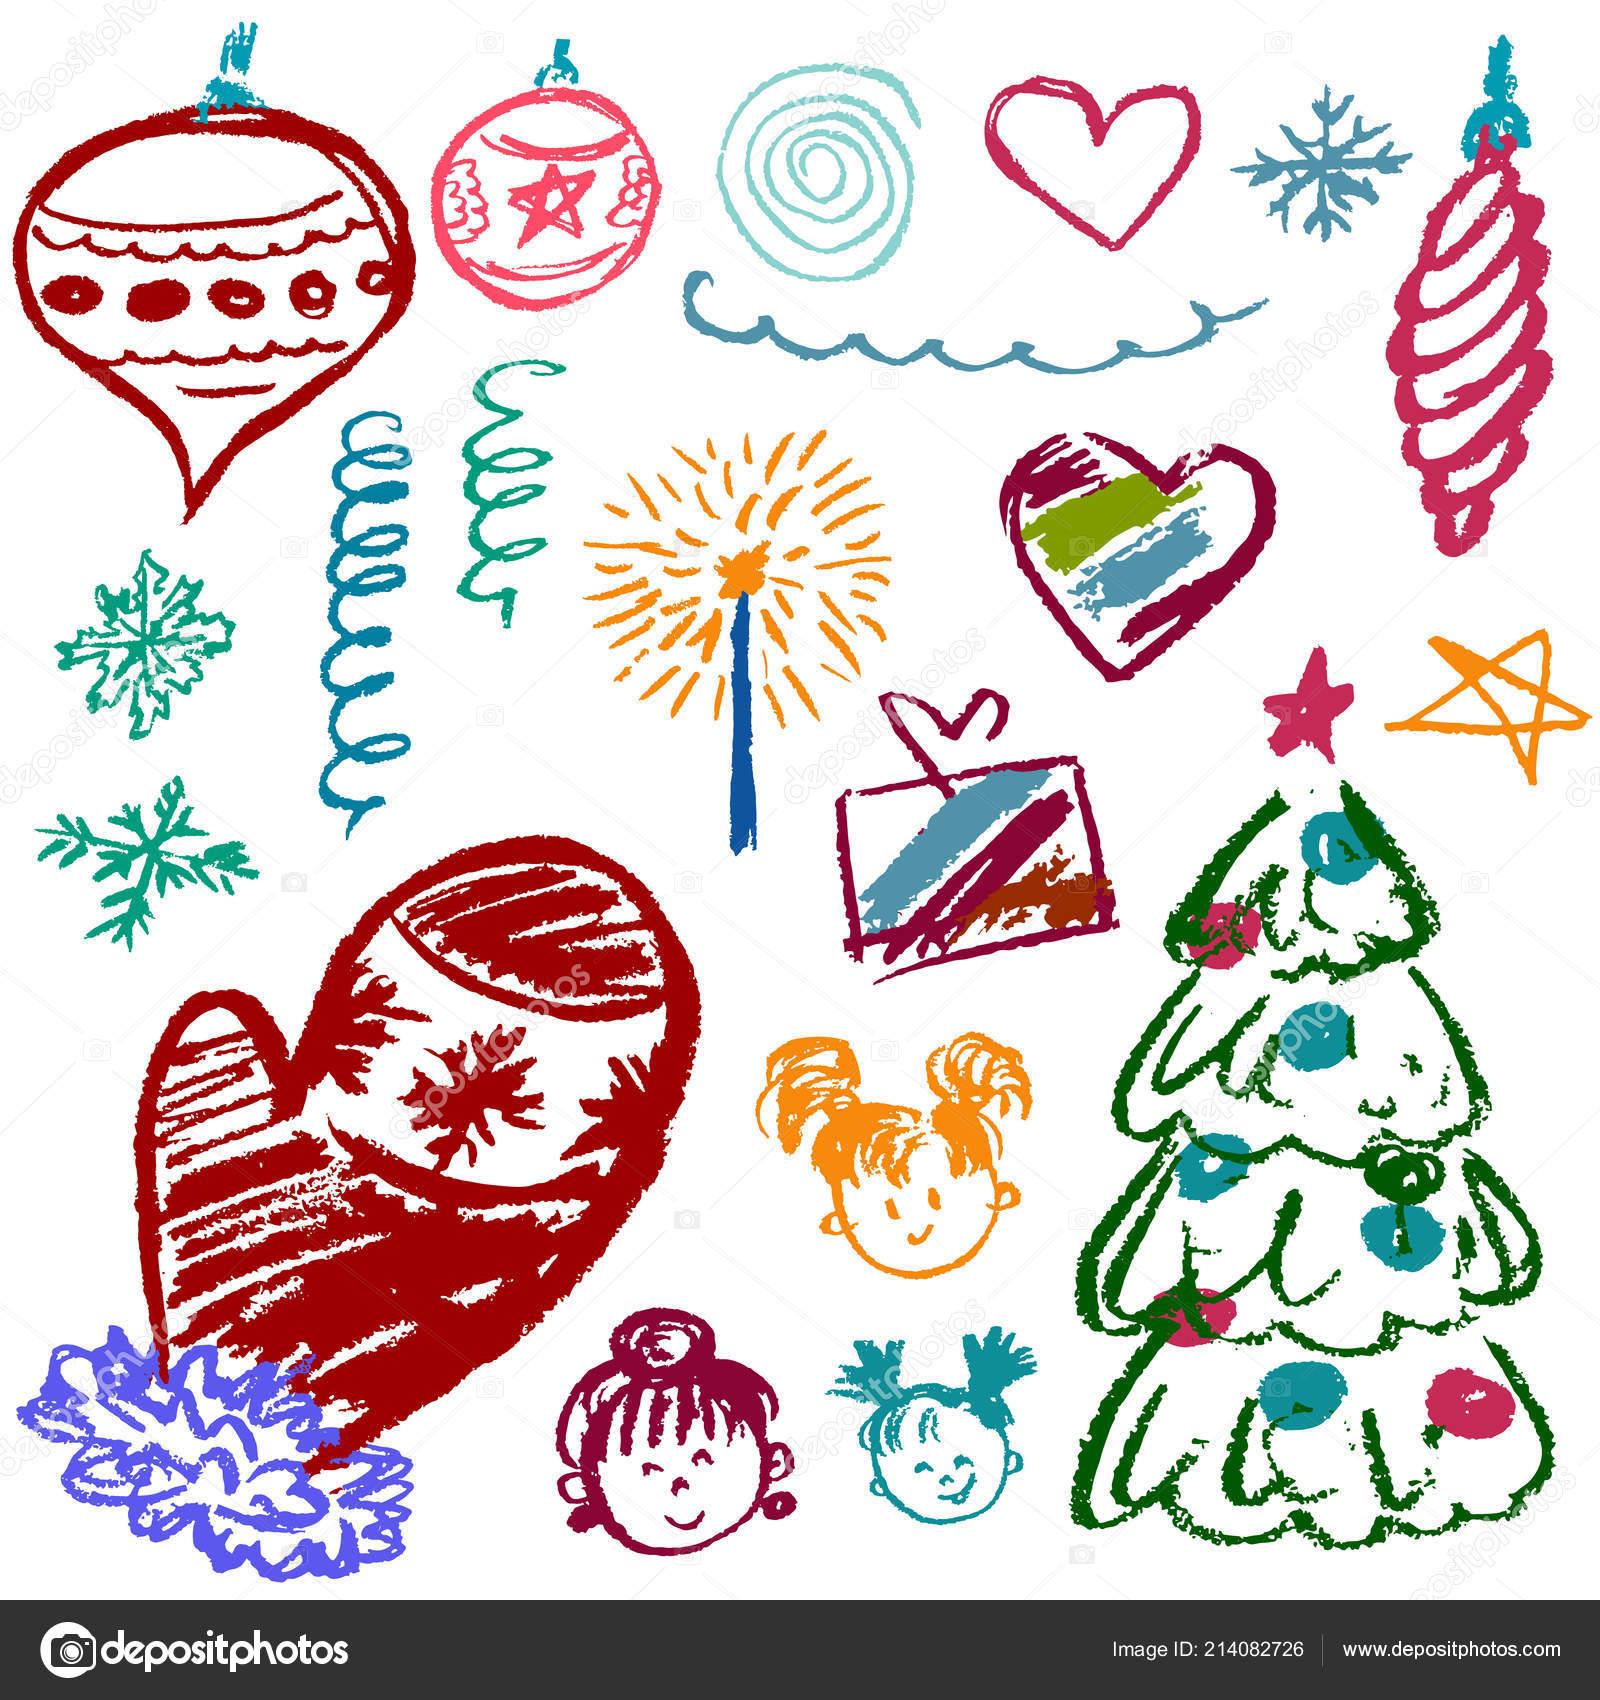 Dibujos De Navidad Creativos.Ano 2019 Conjunto Elementos Para Creatividad Ano Nuevo